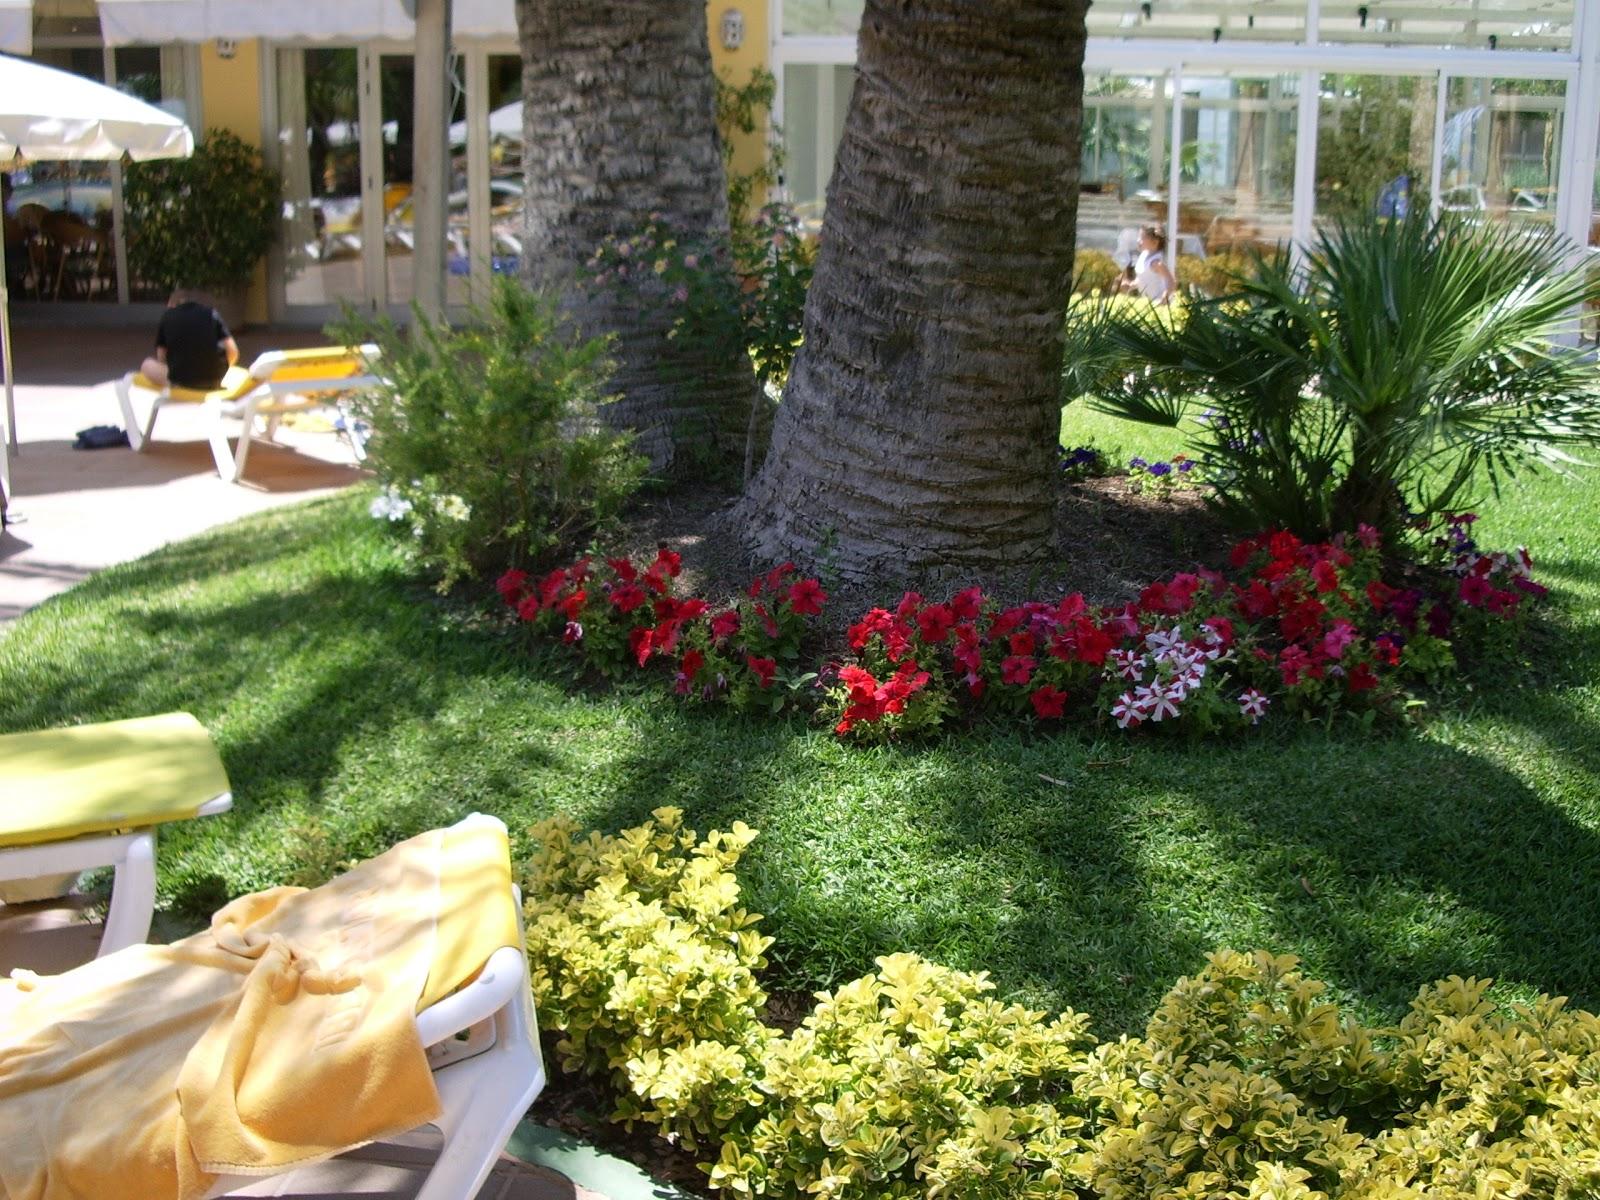 Plantas rboles y flores bases de rboles 2 alcorques for Jardines con palmeras